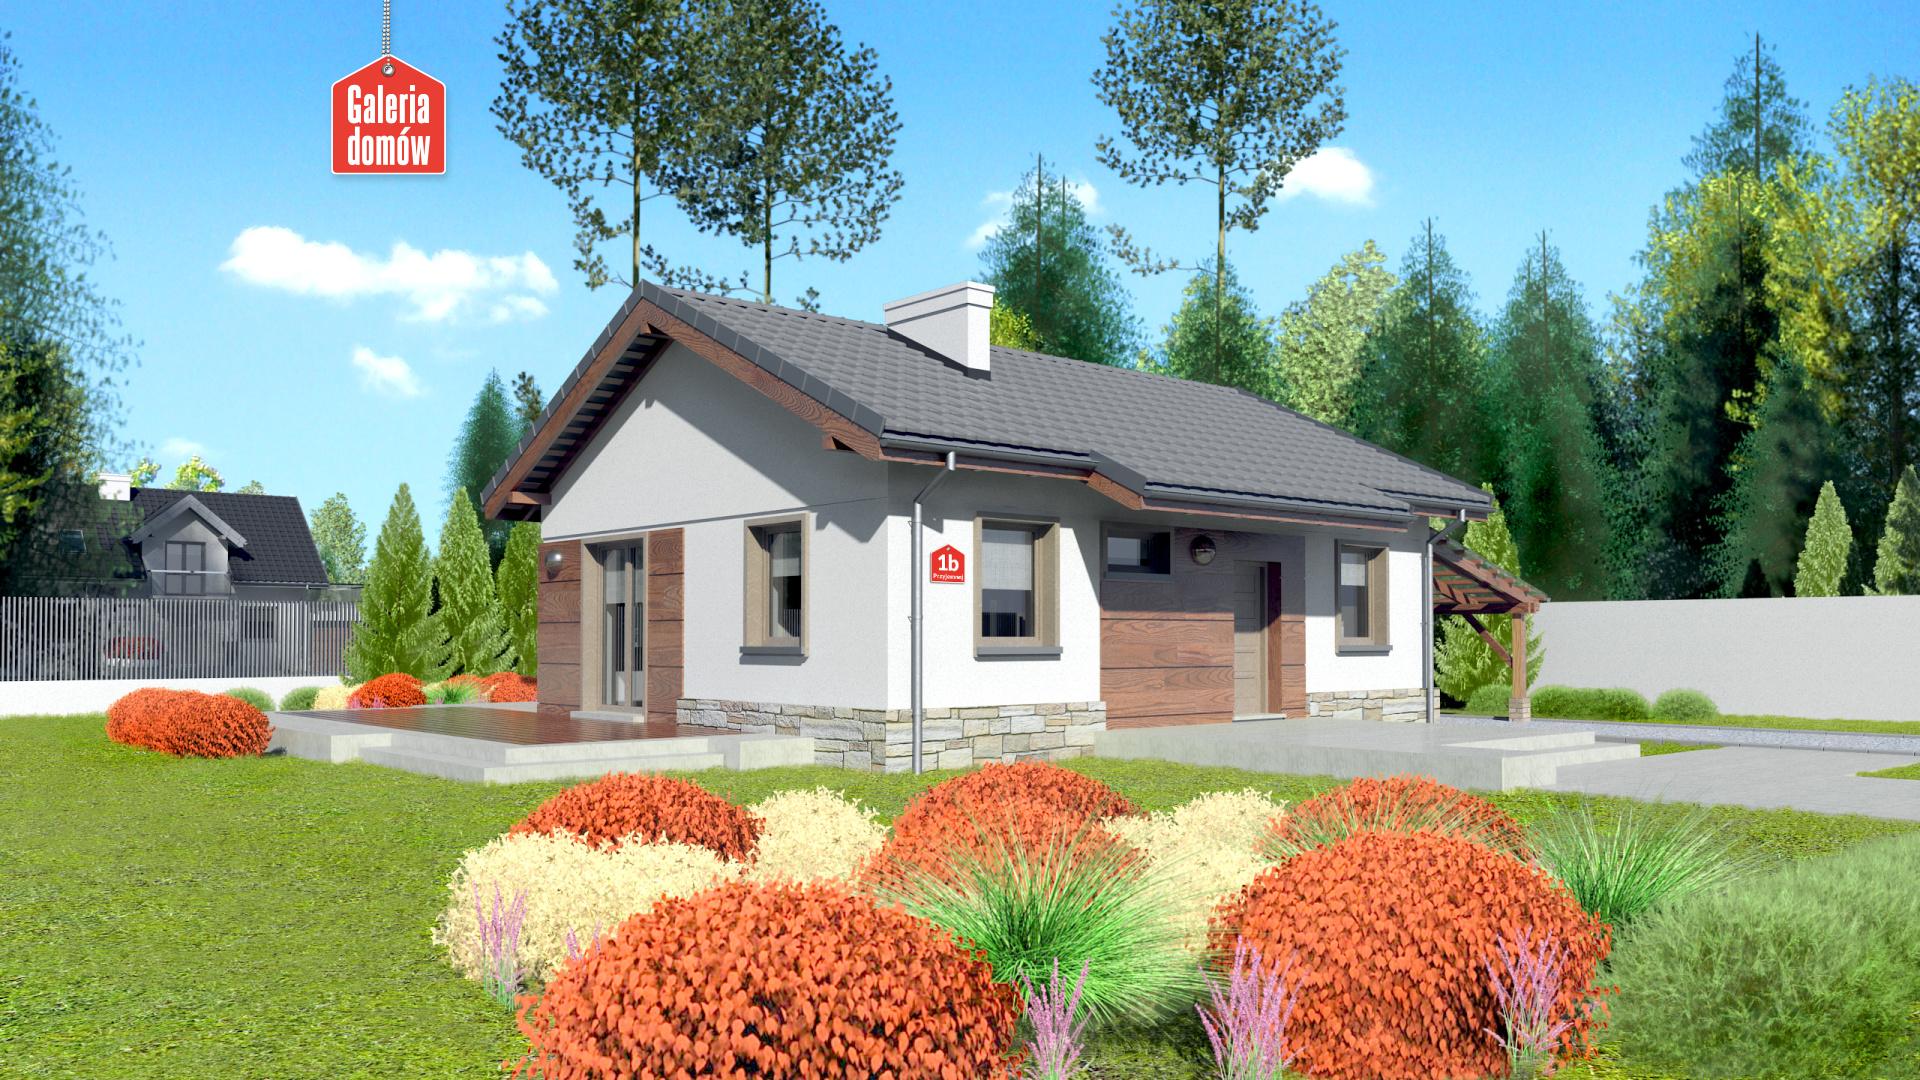 Dom przy Przyjemnej bis - zdjęcie projektu i wizualizacja